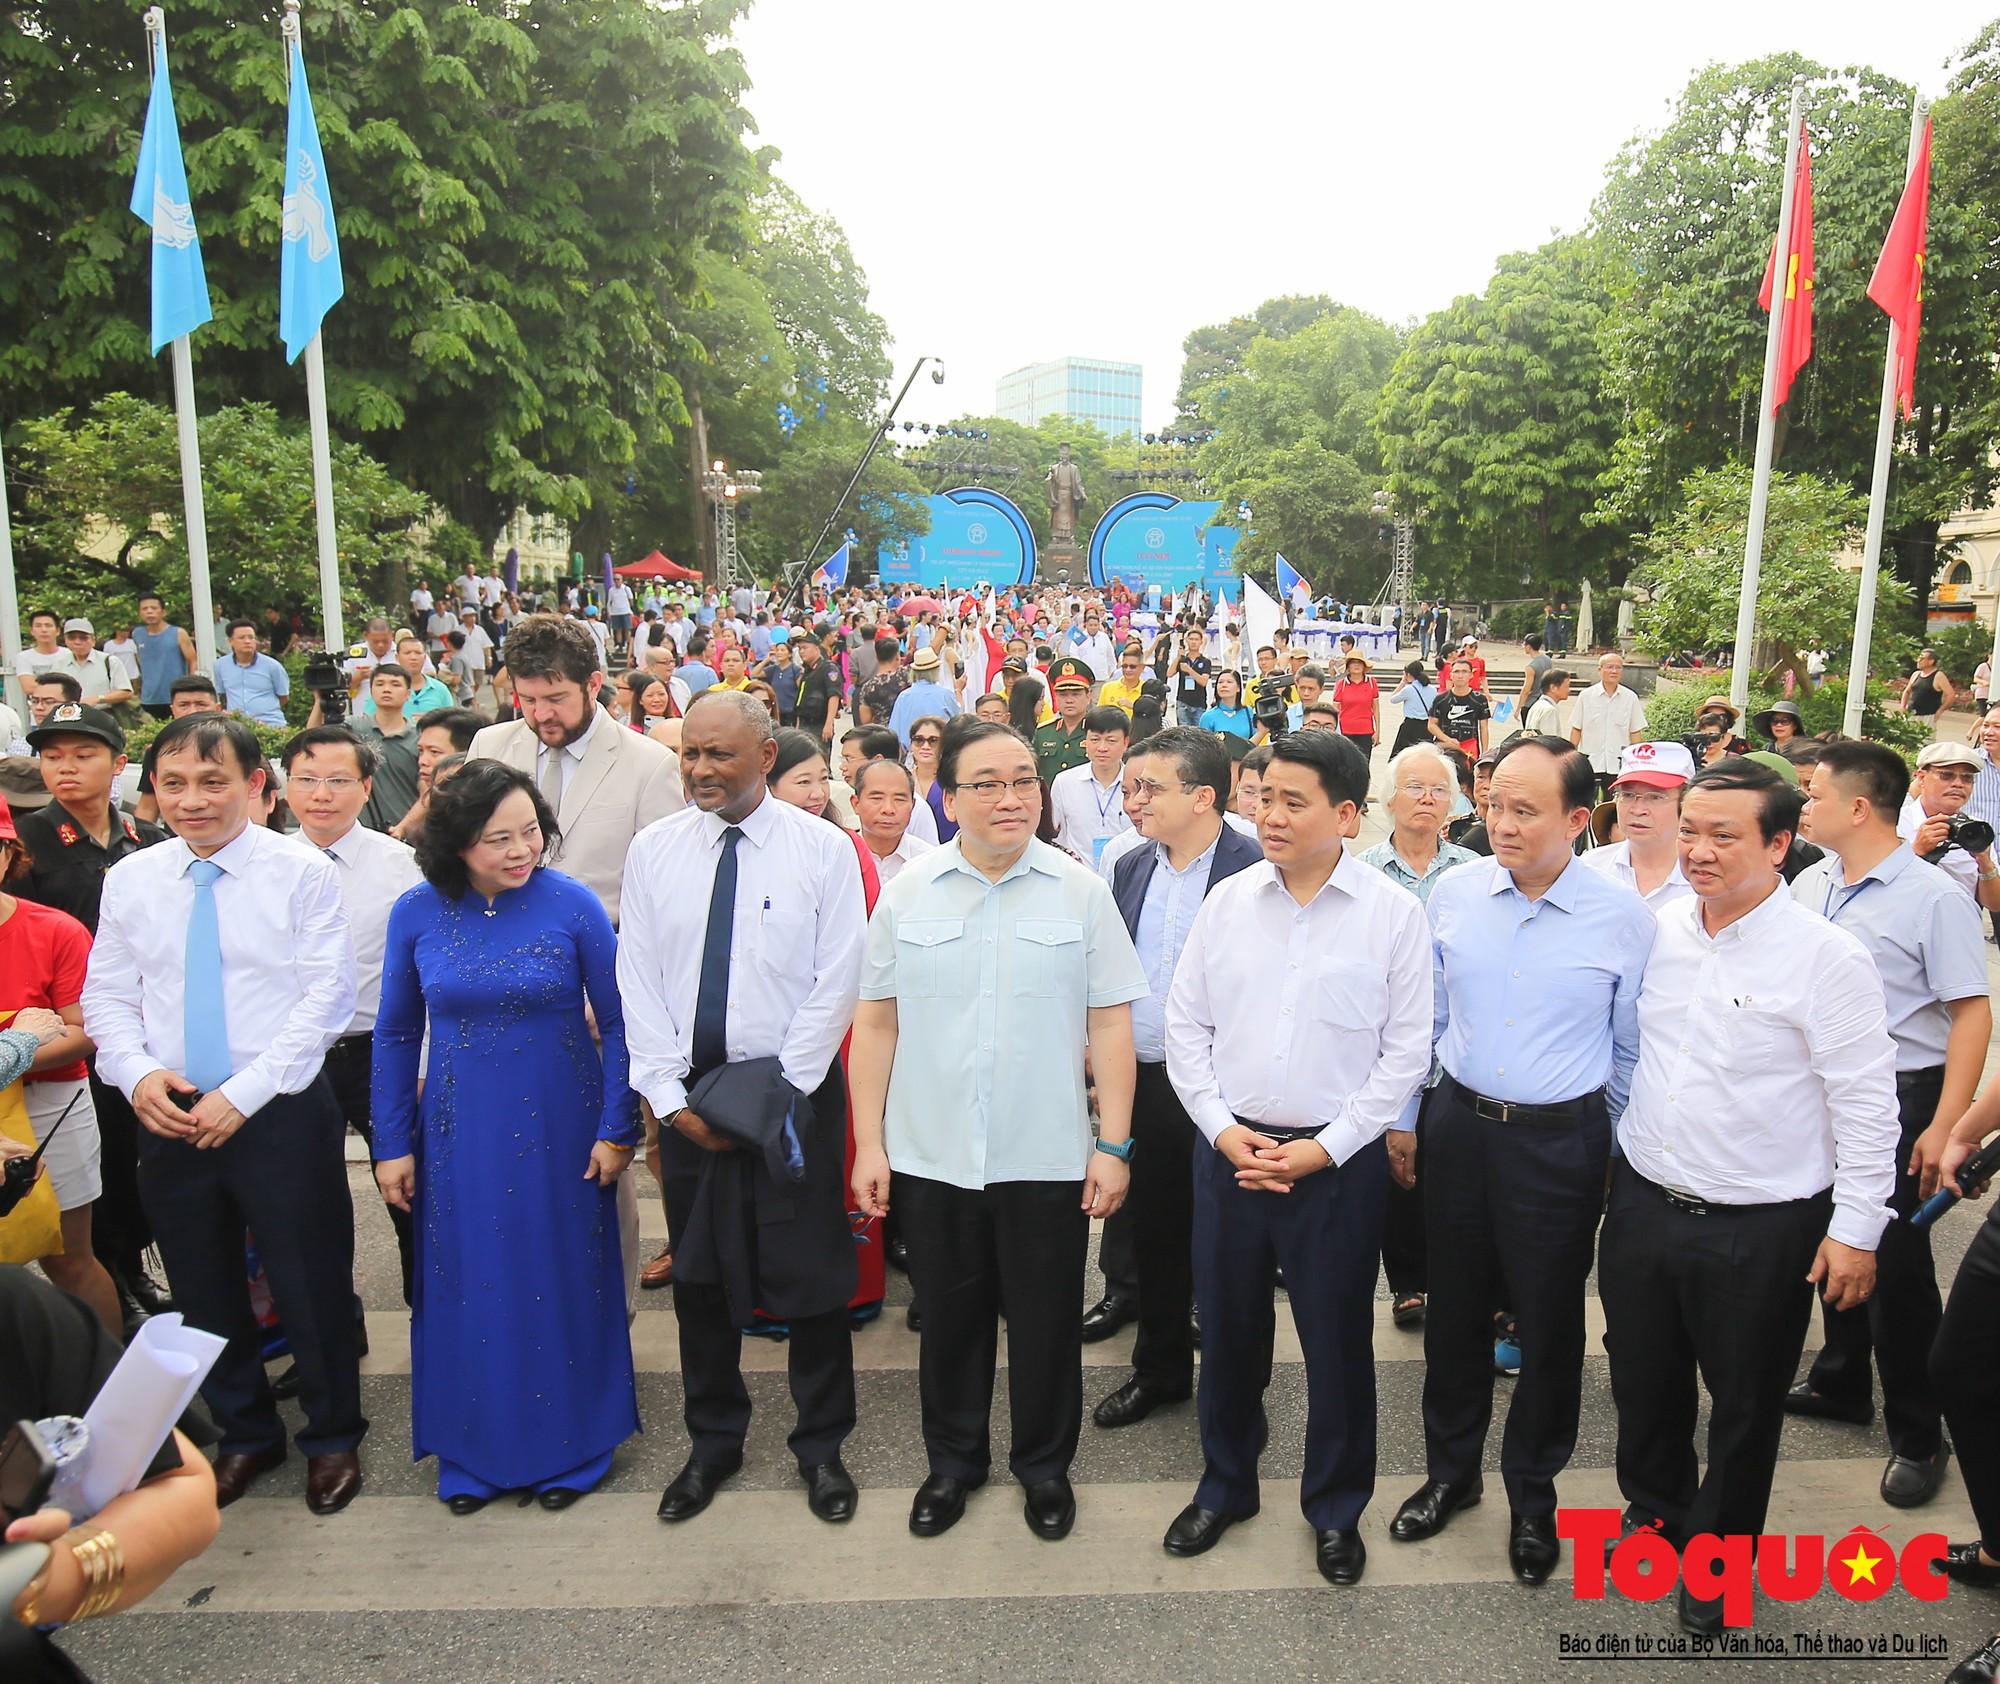 """Lễ kỷ niệm 20 năm thành phố Hà Nội đón nhận danh hiệu """"Thành phố Vì hòa bình"""" (5)"""